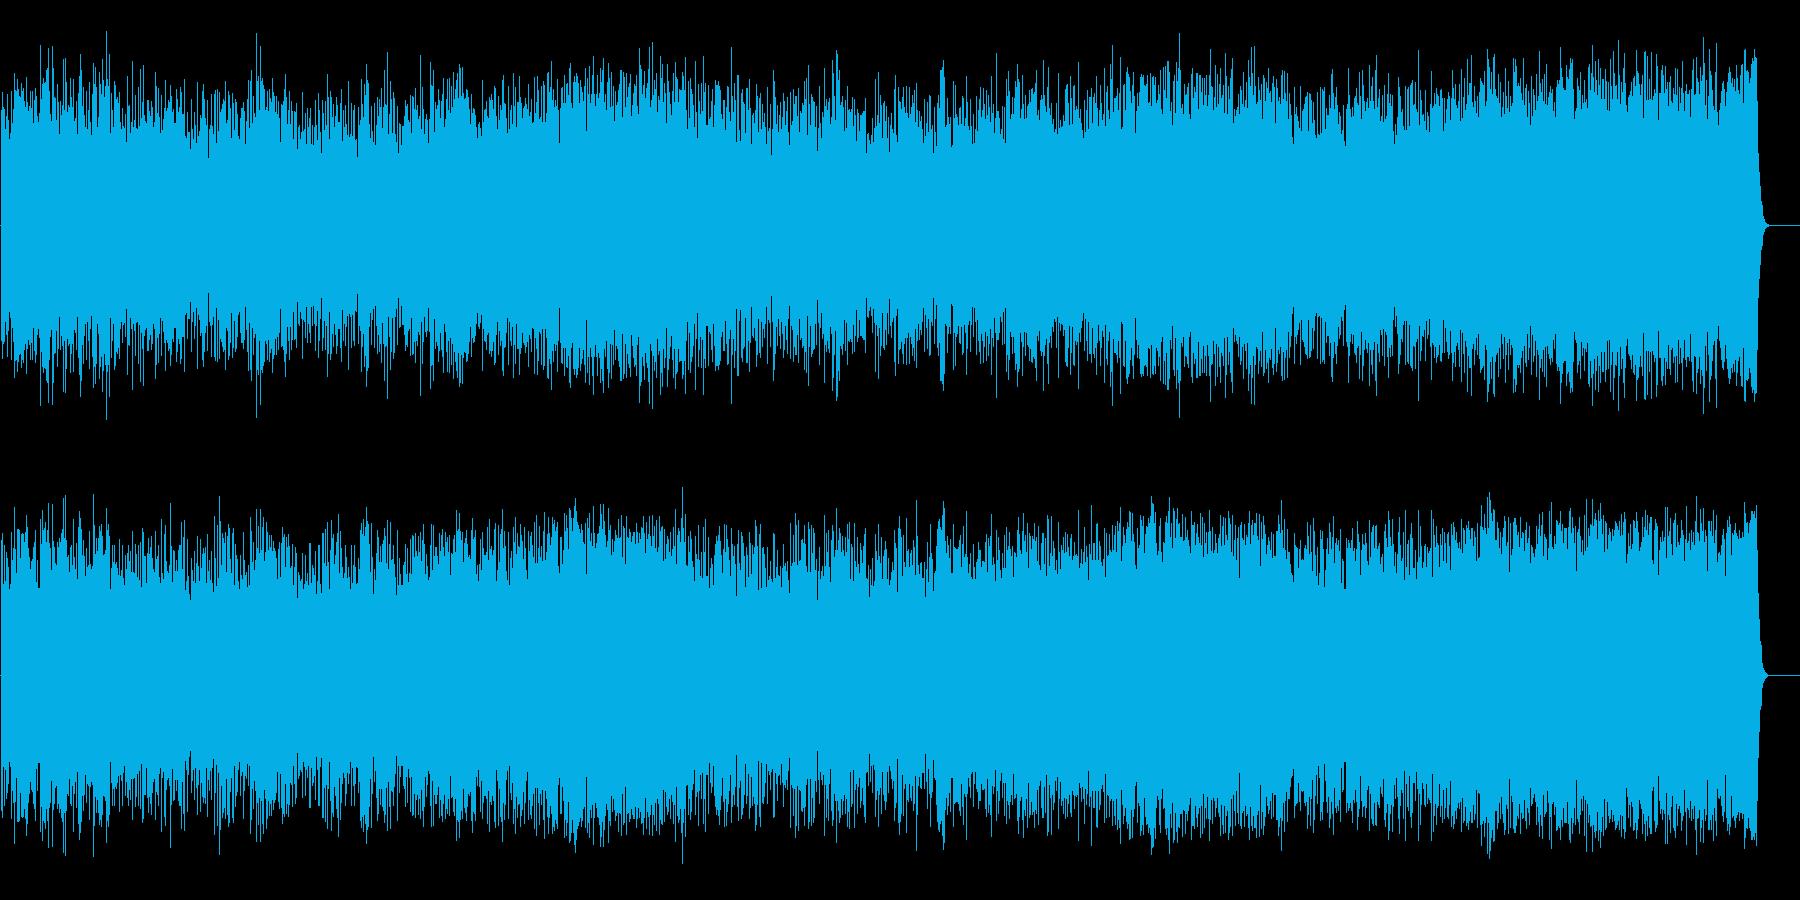 ポップ/ロック(オープニング向け)の再生済みの波形